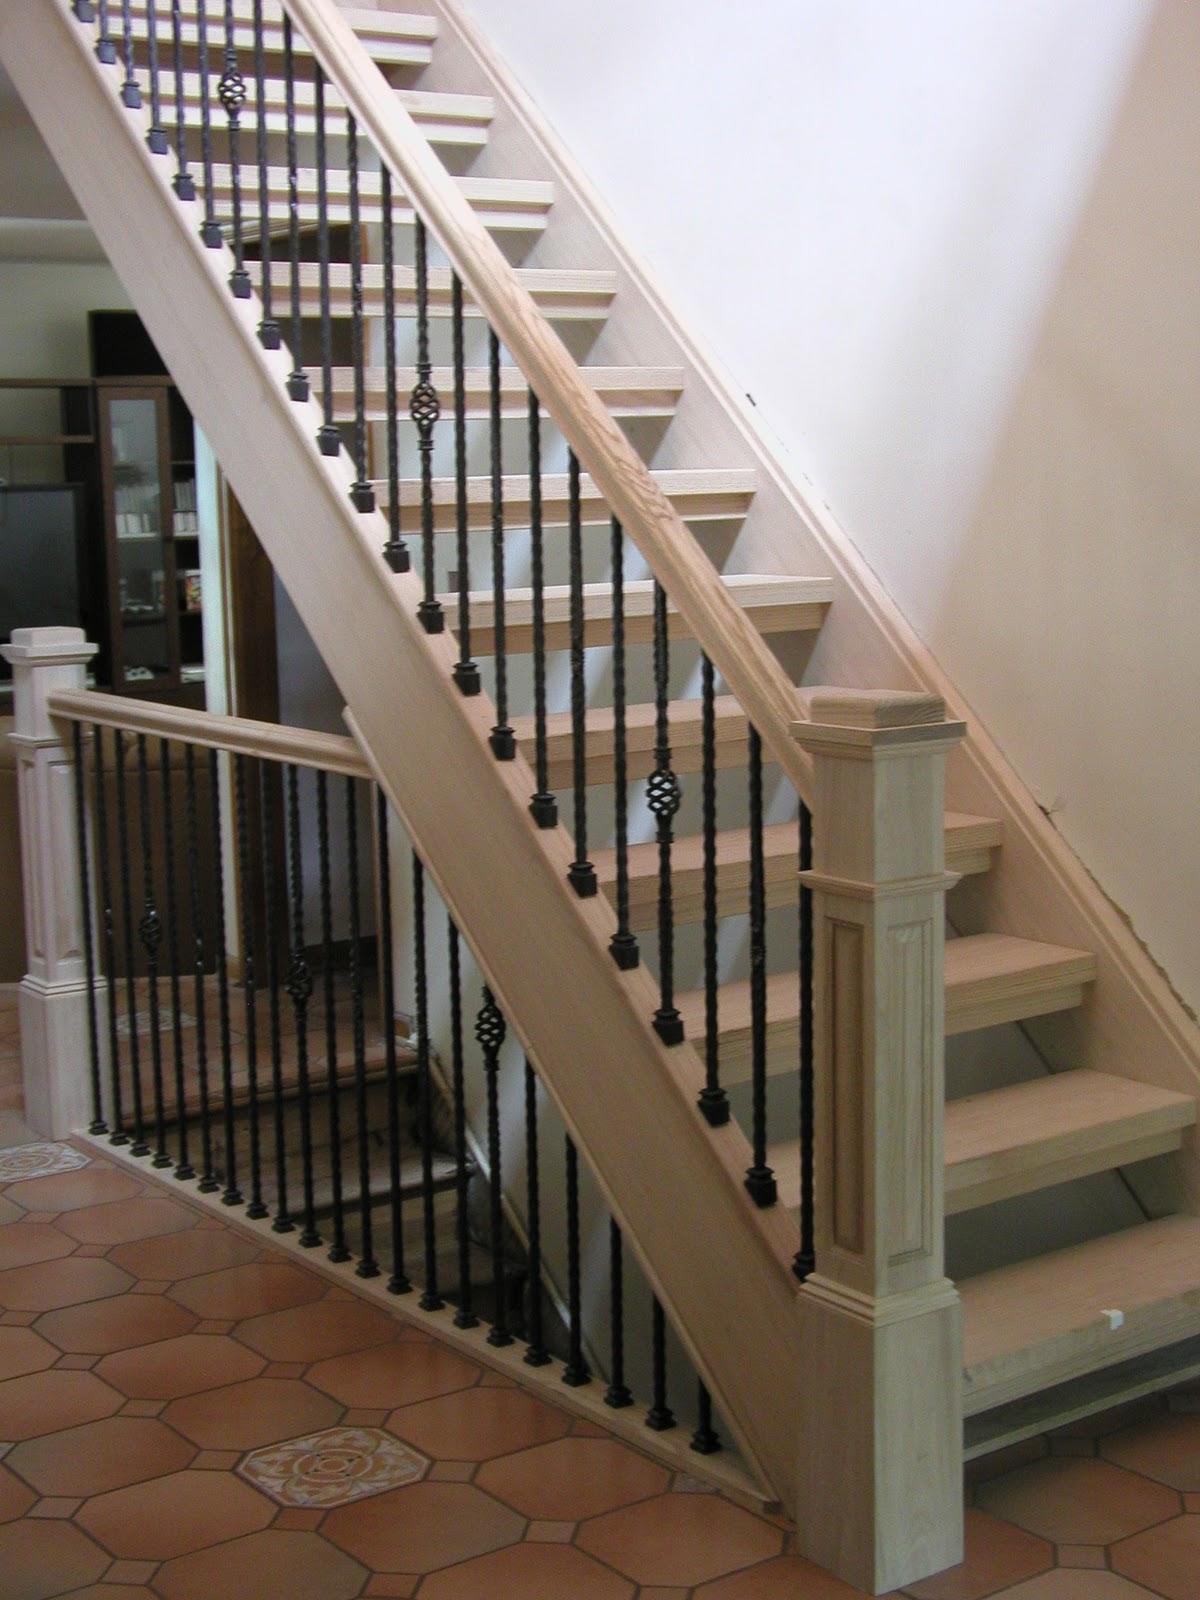 Lomonaco&39;s Iron Concepts & Home Decor Interior Stair Designs